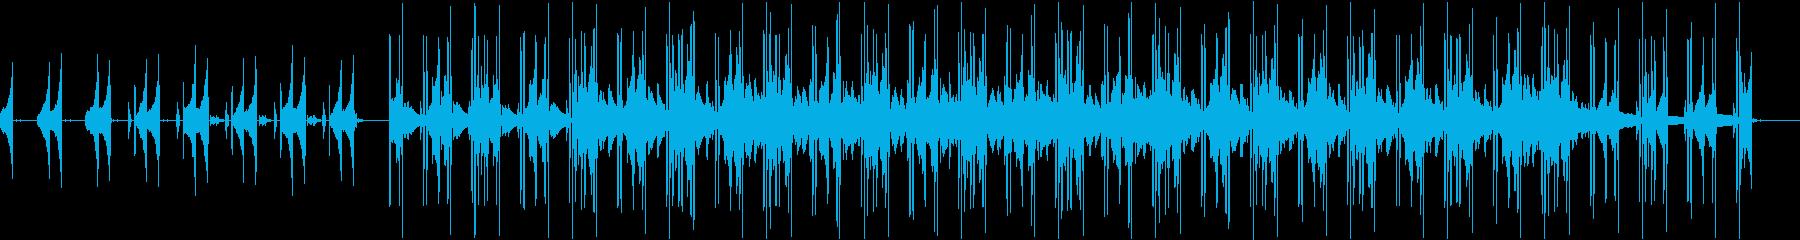 幻想的なチル・ヒップホップの再生済みの波形